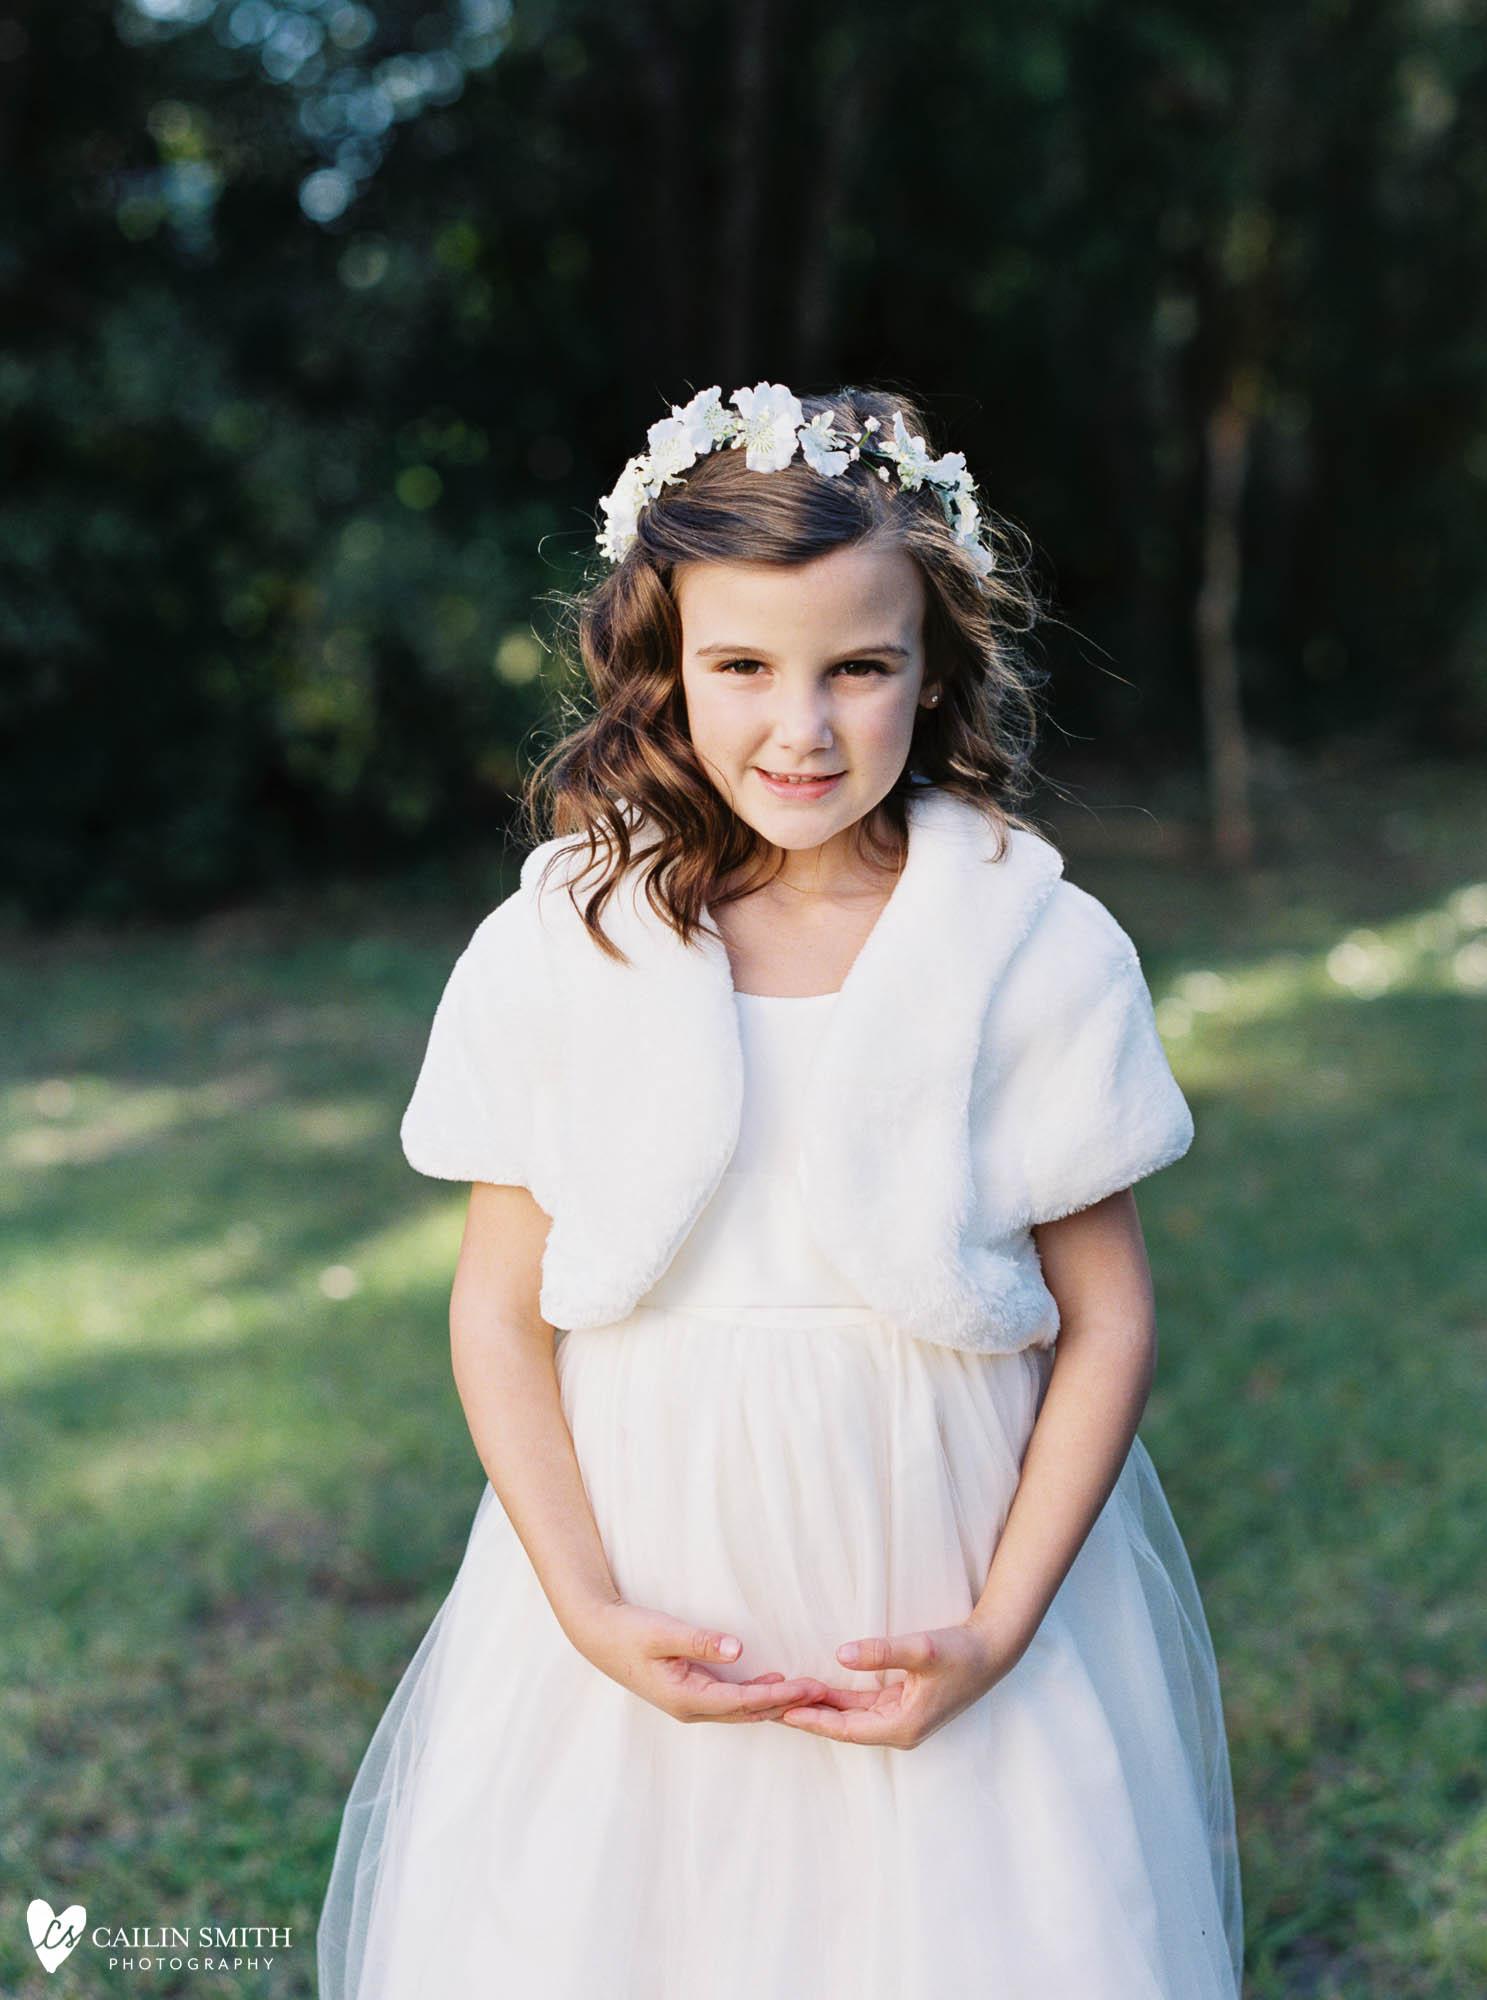 Leah_Major_St_Marys_Wedding_Photography_064.jpg